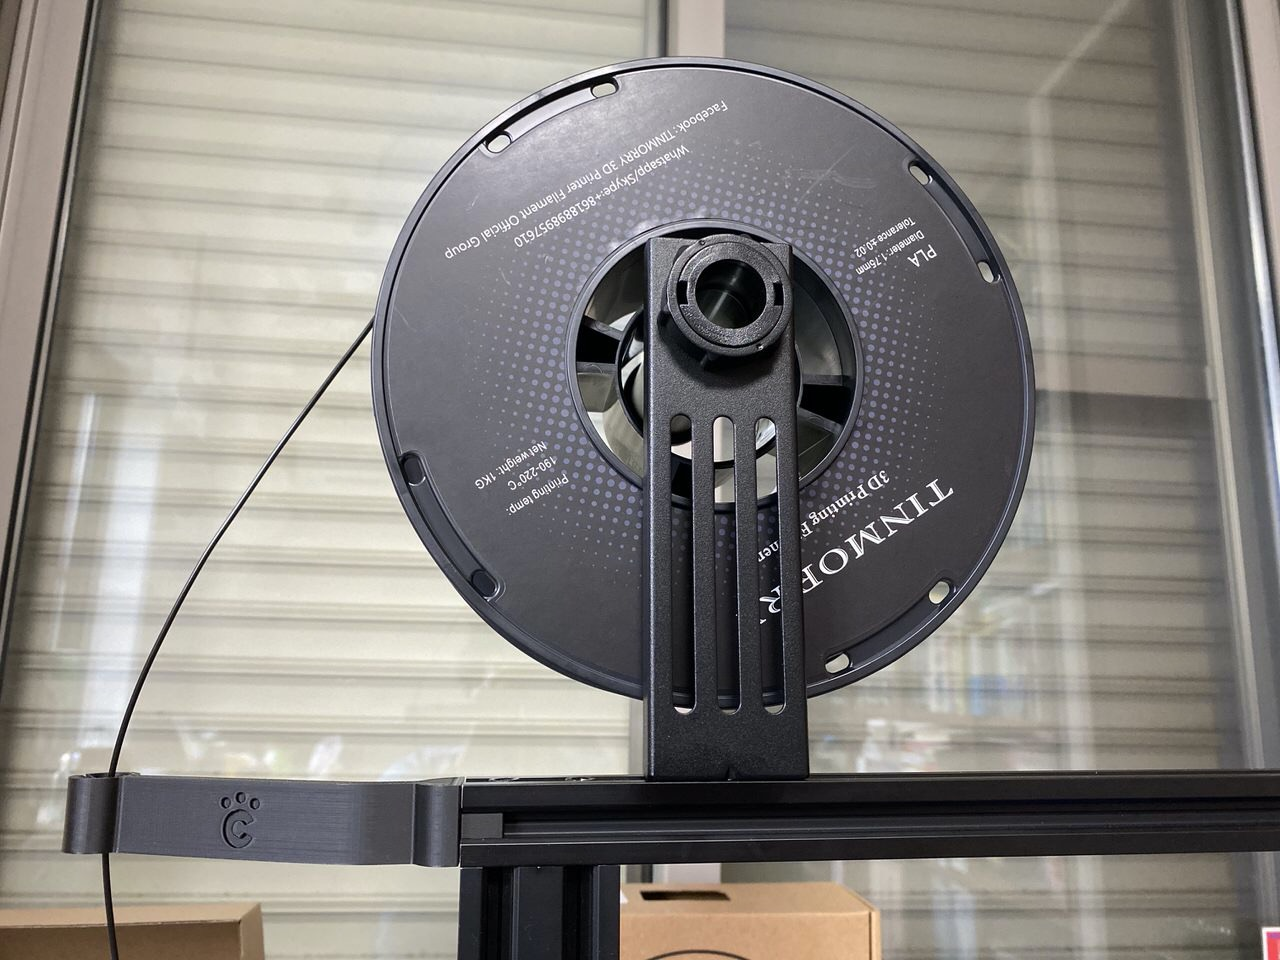 【3Dプリンター】フィラメント用の防湿庫 4